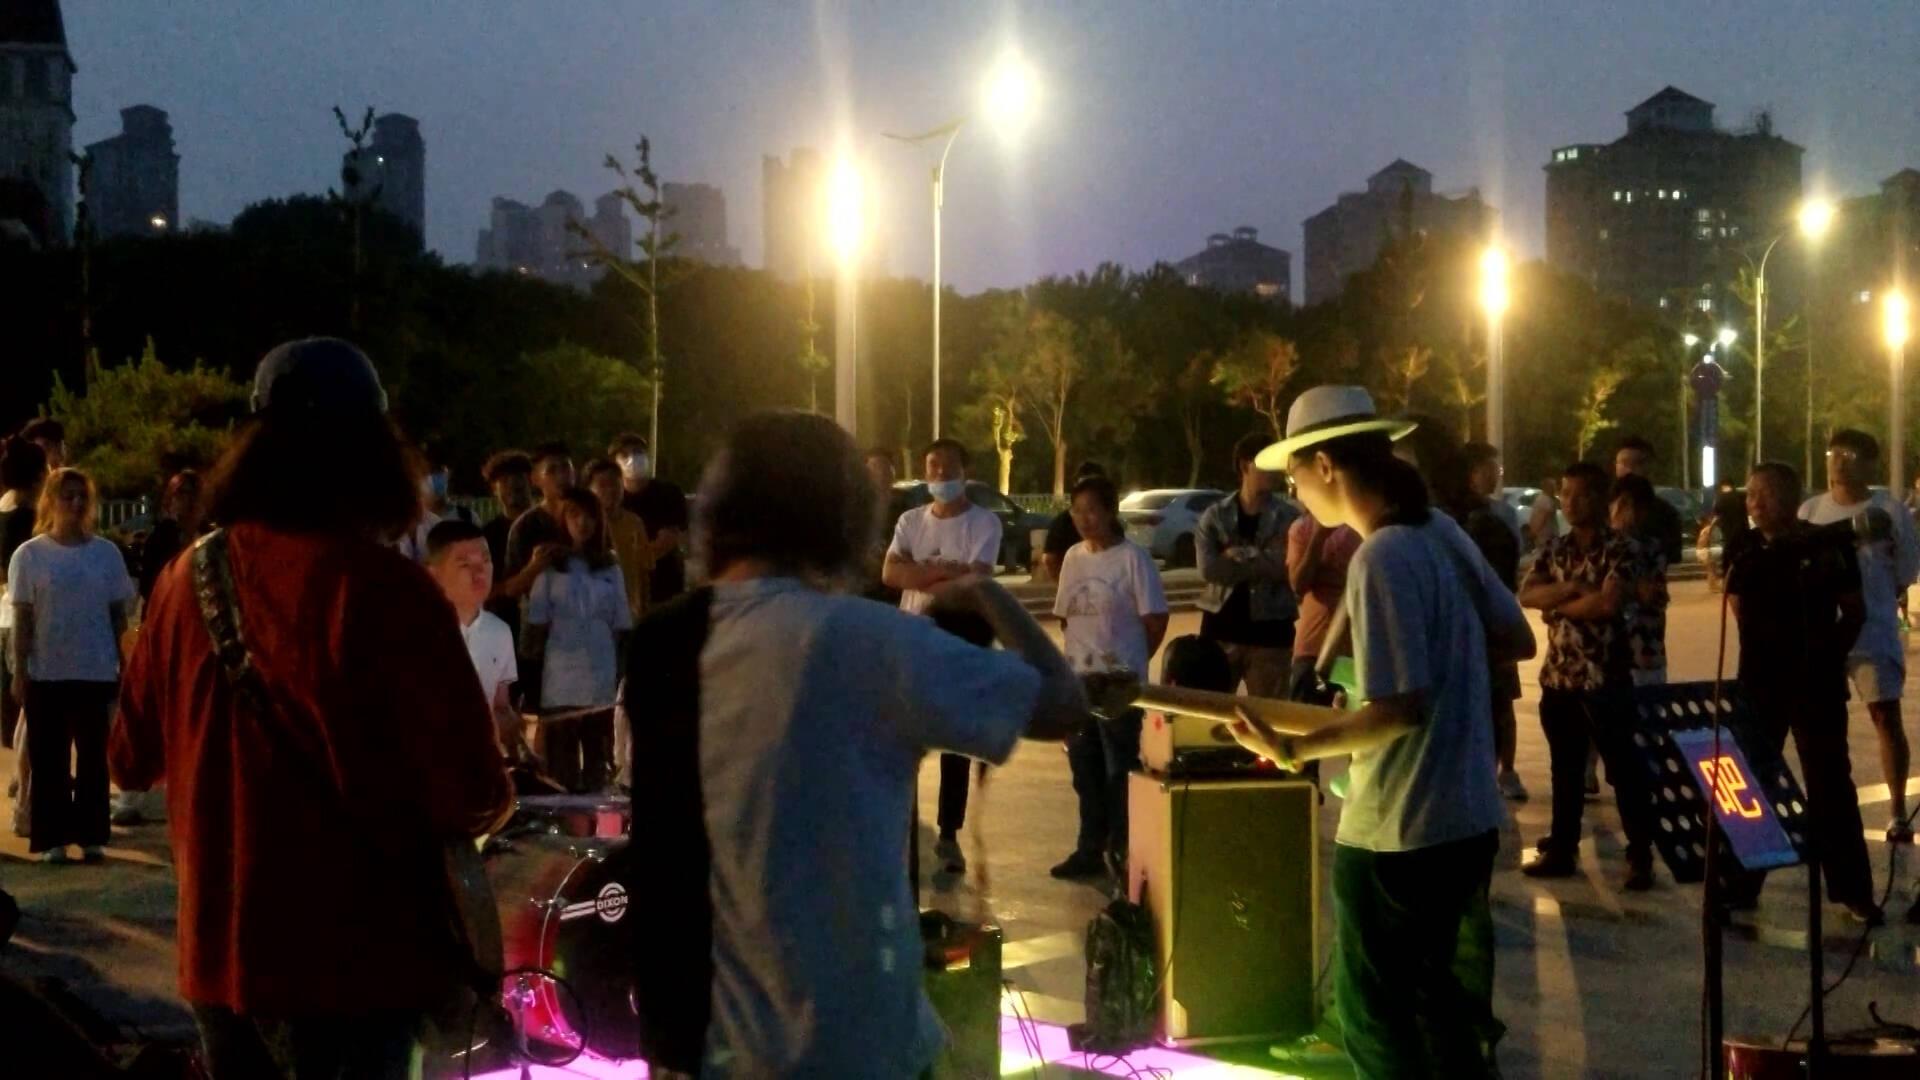 问政山东|街头艺人需规范 省文旅厅:文旅部门有责任和义务进行管理和引导